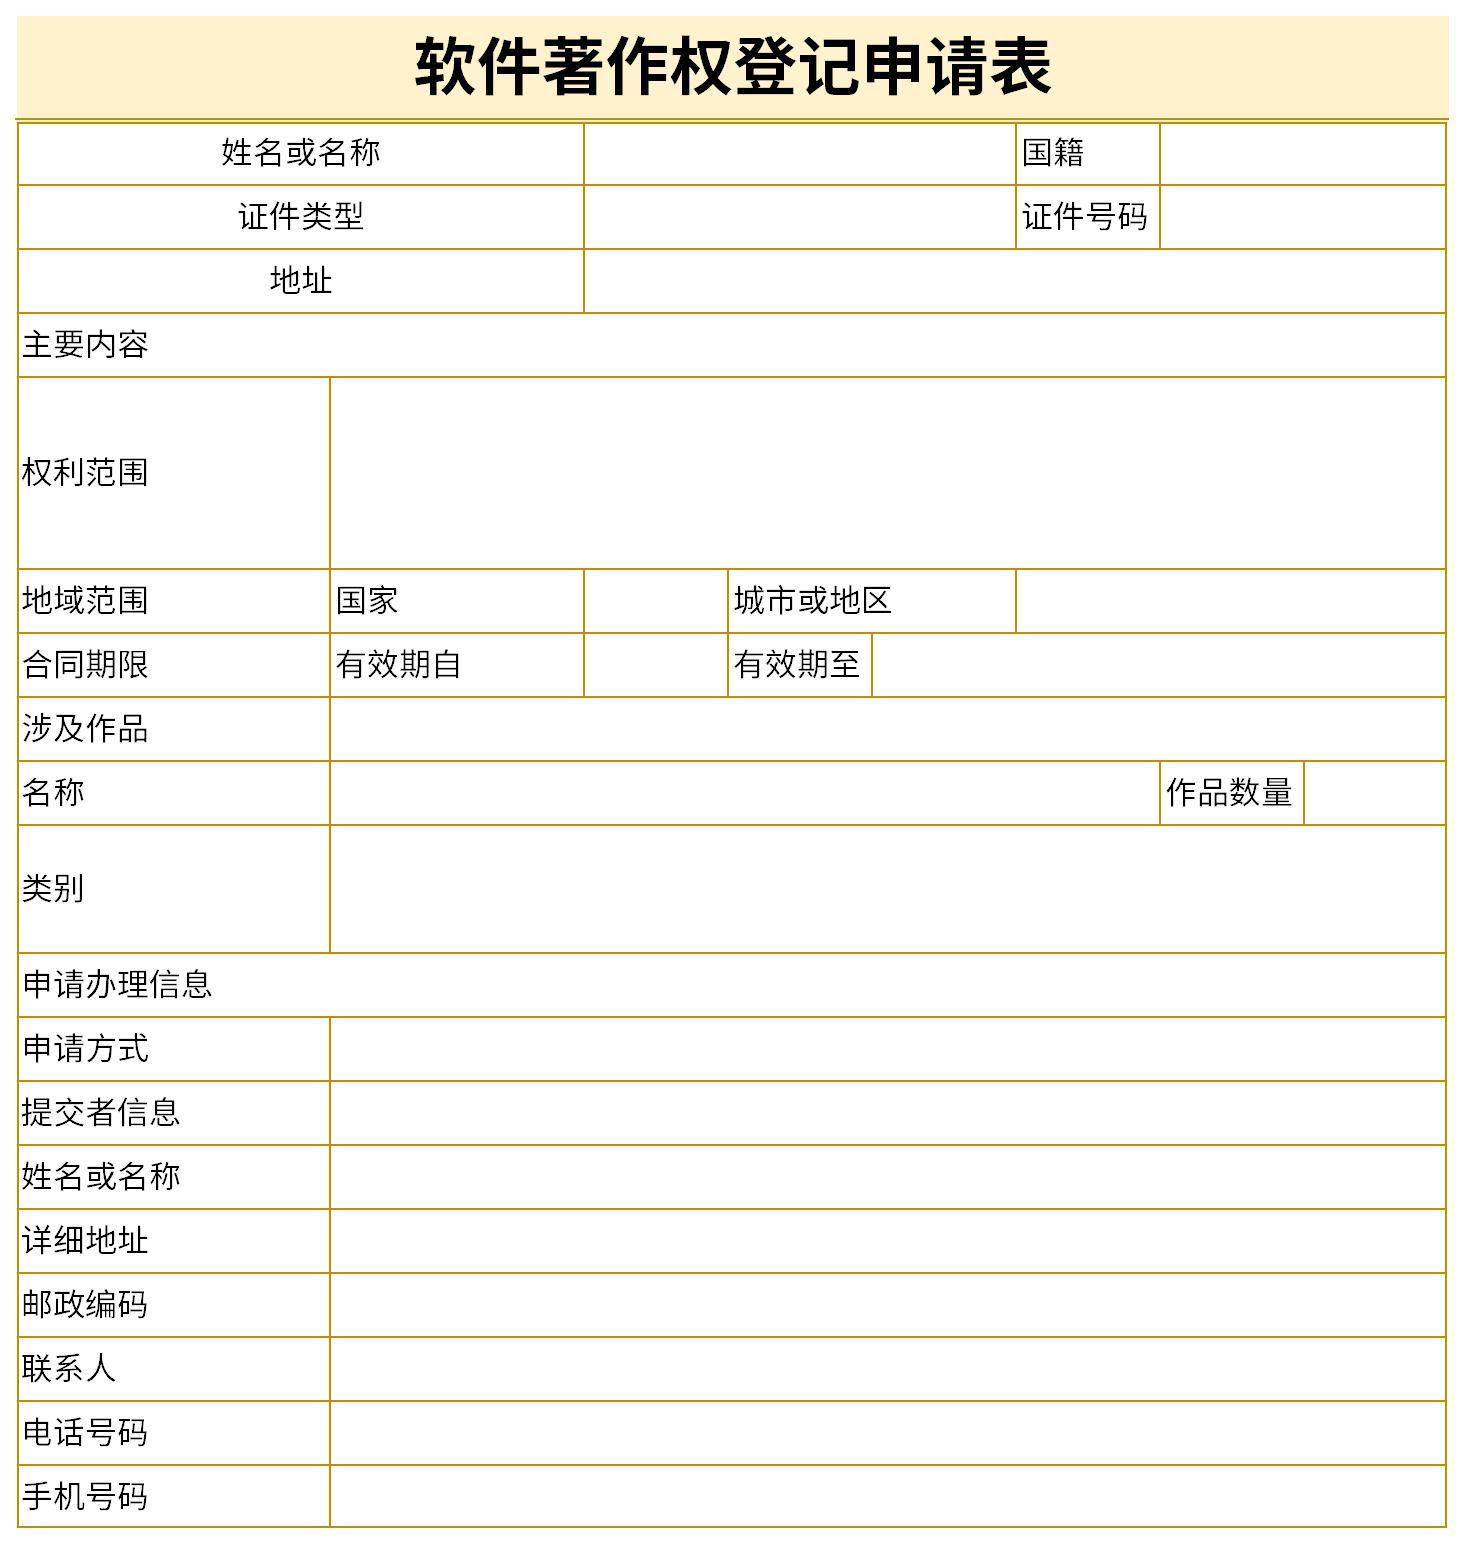 软件著作权登记申请表截图